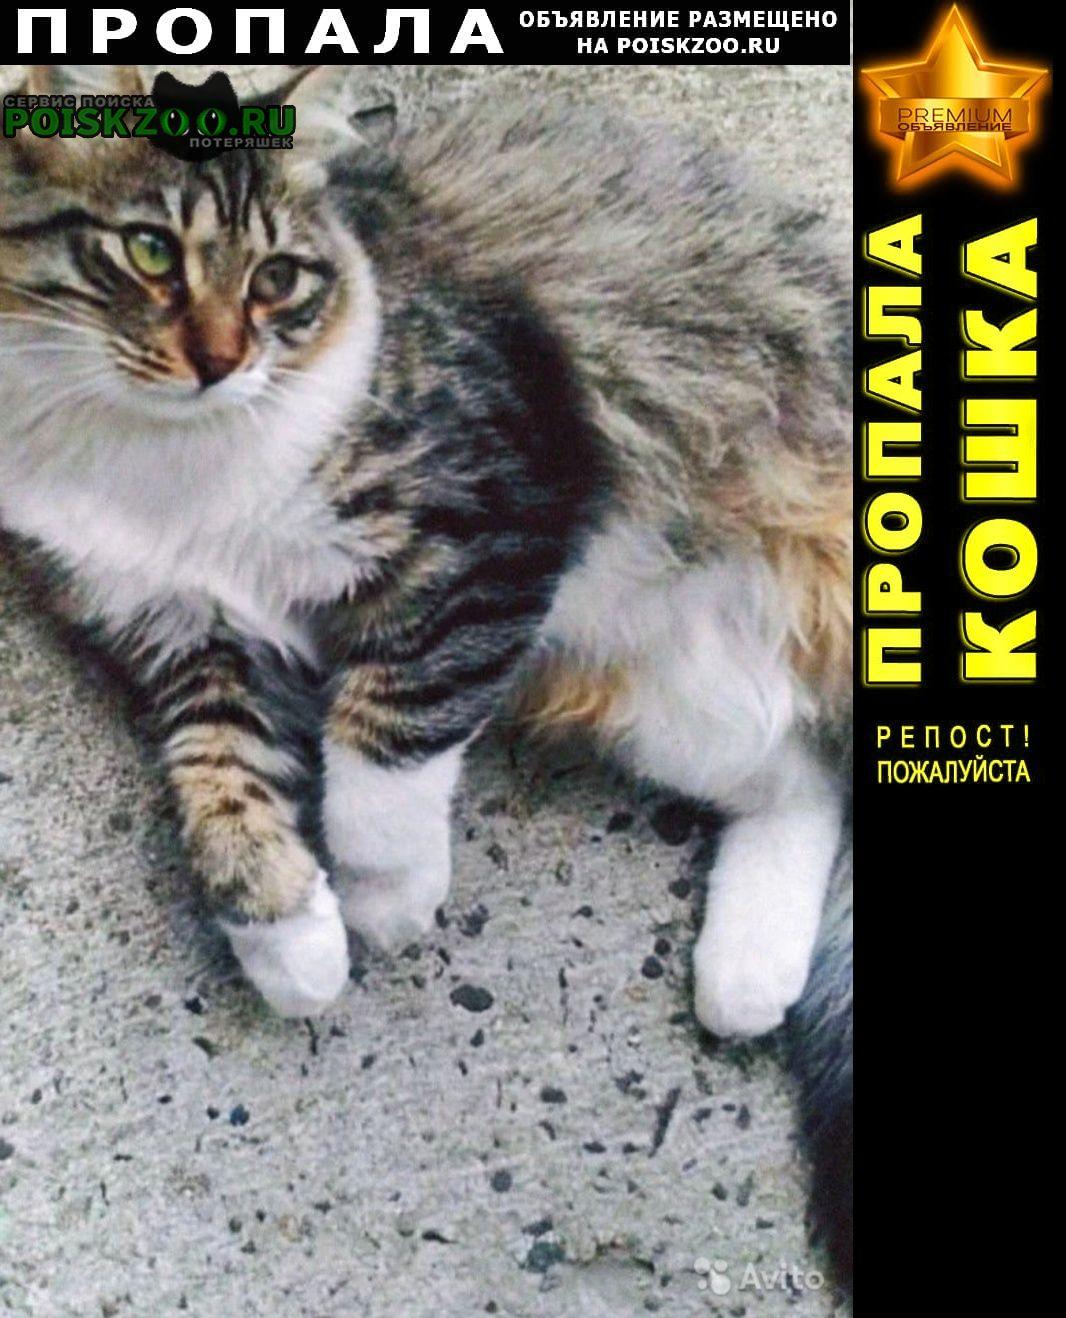 Пропала кошка стерелизованная г.Краснодар